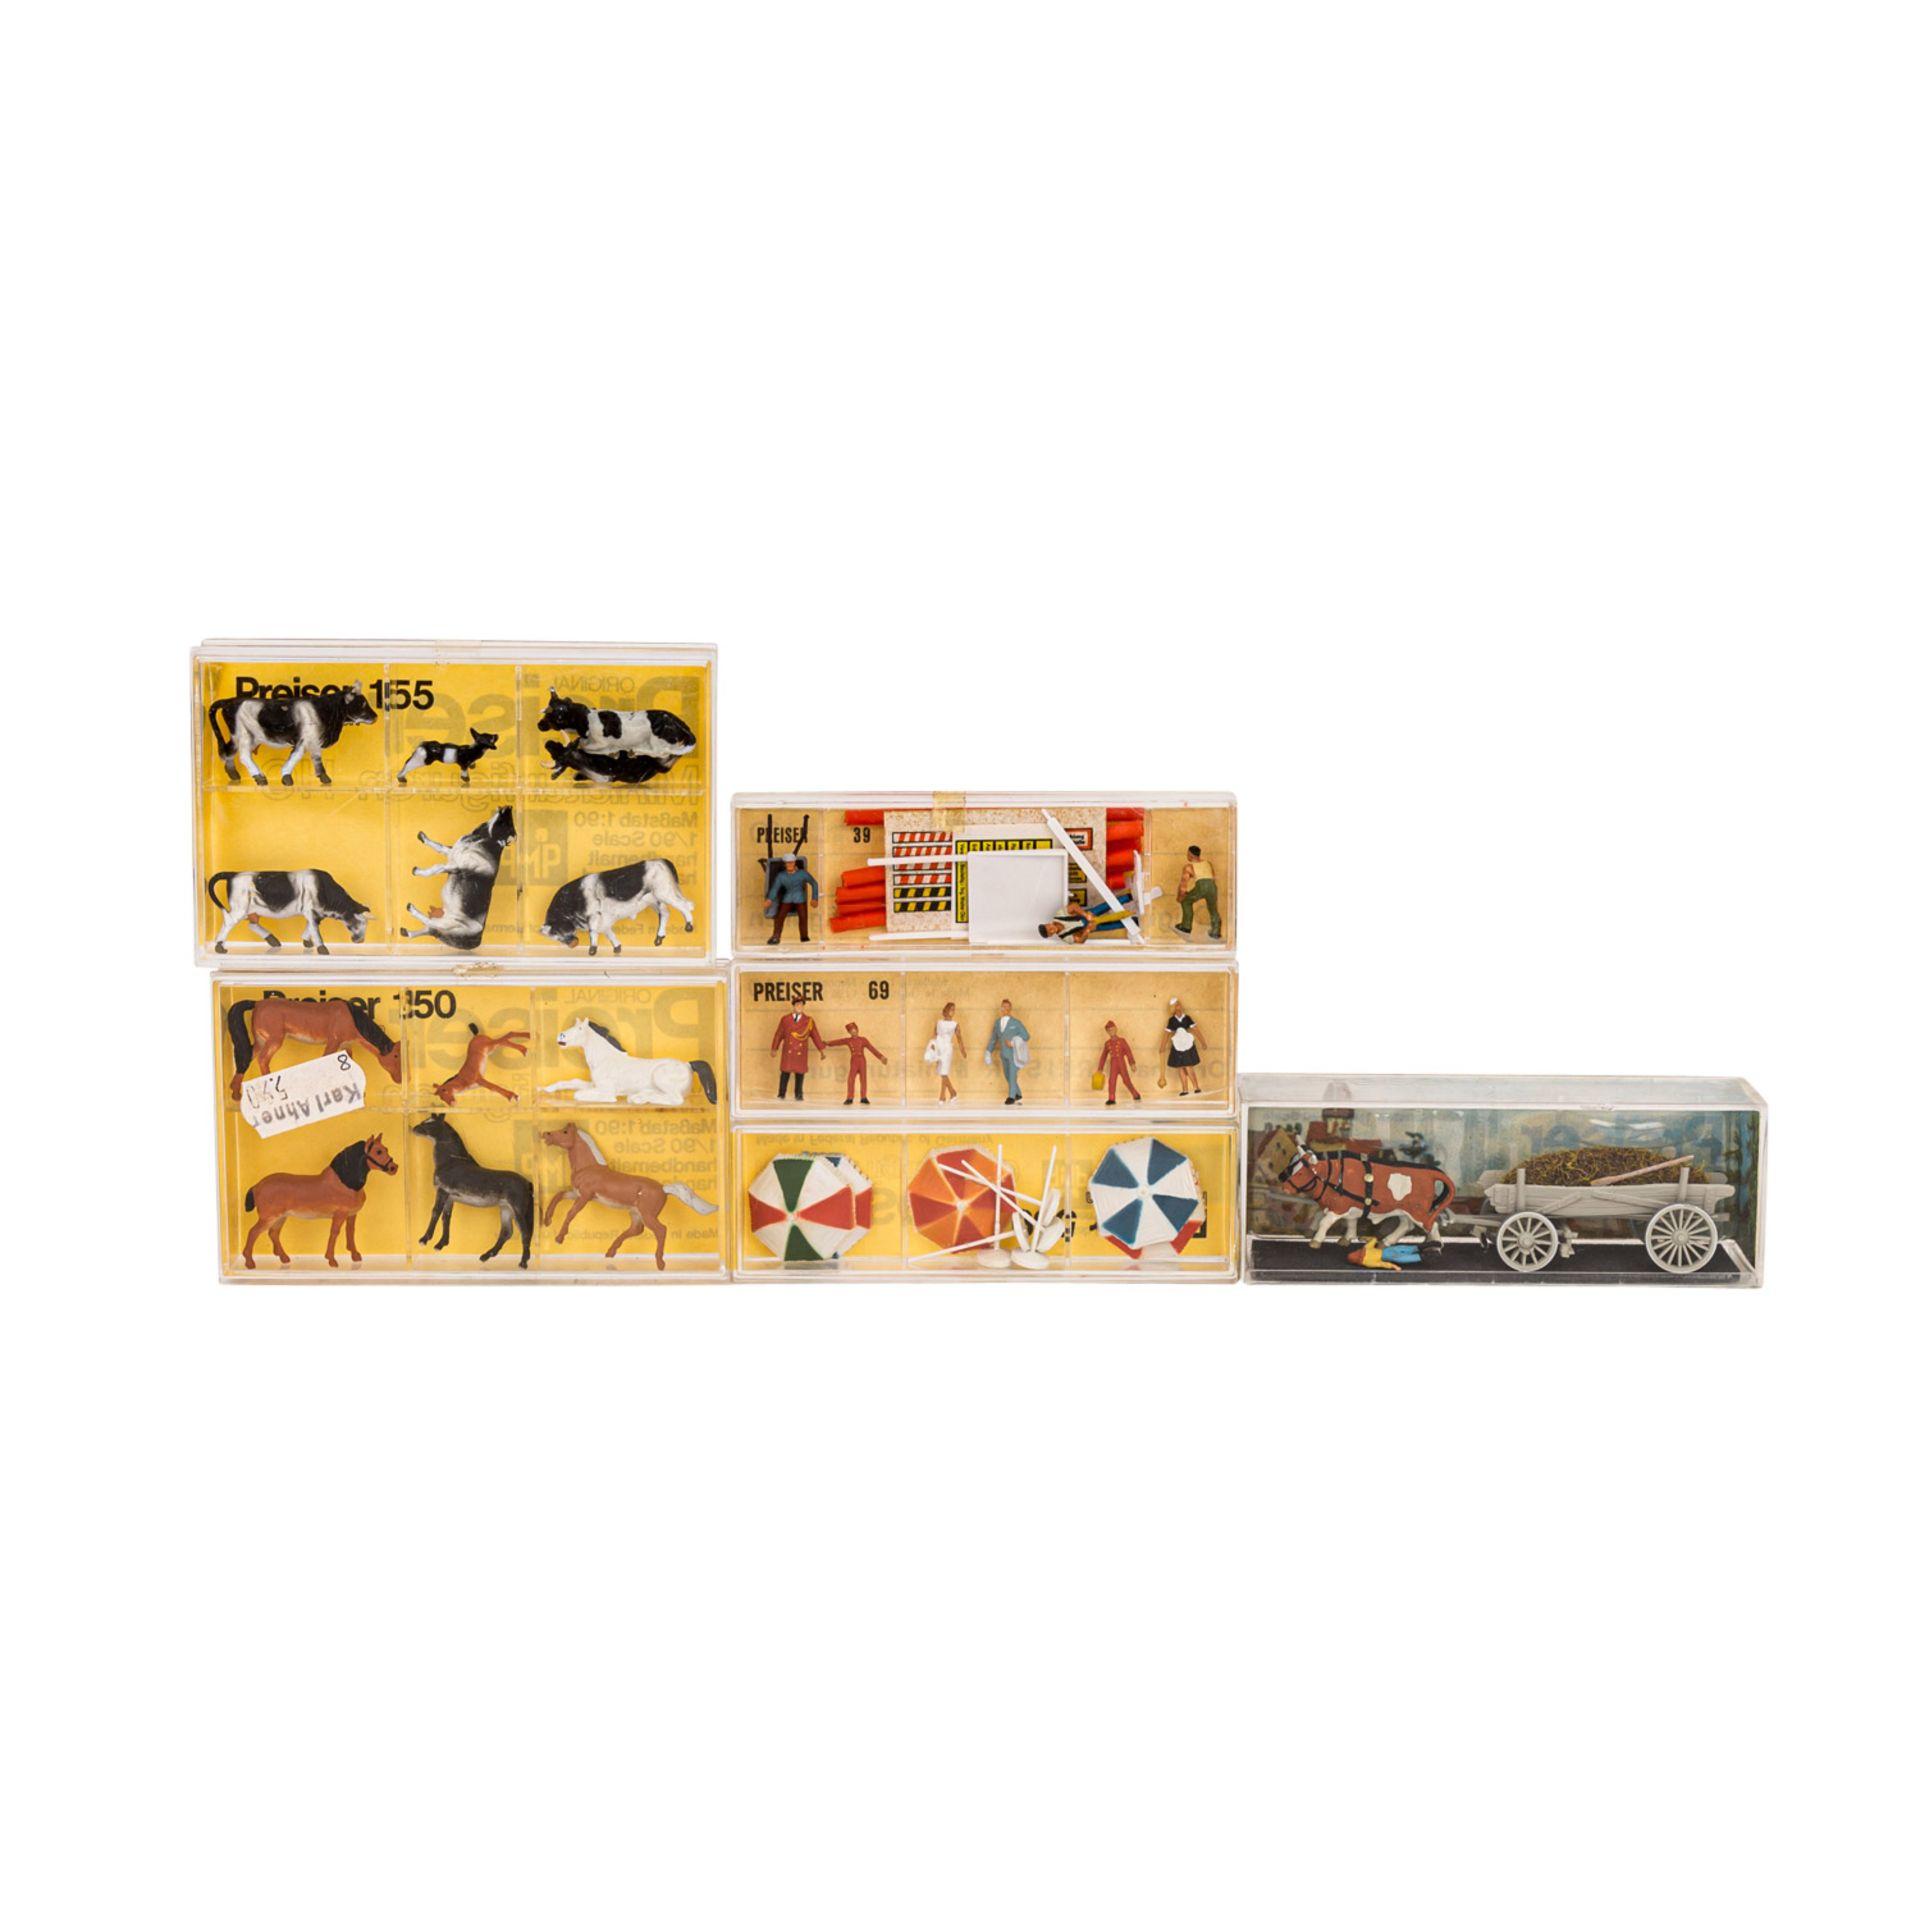 PREISER/MERTEN Konvolut von 25 Miniaturfiguren- und Zubehörsets im Maßstab H0,25 ver - Image 3 of 4